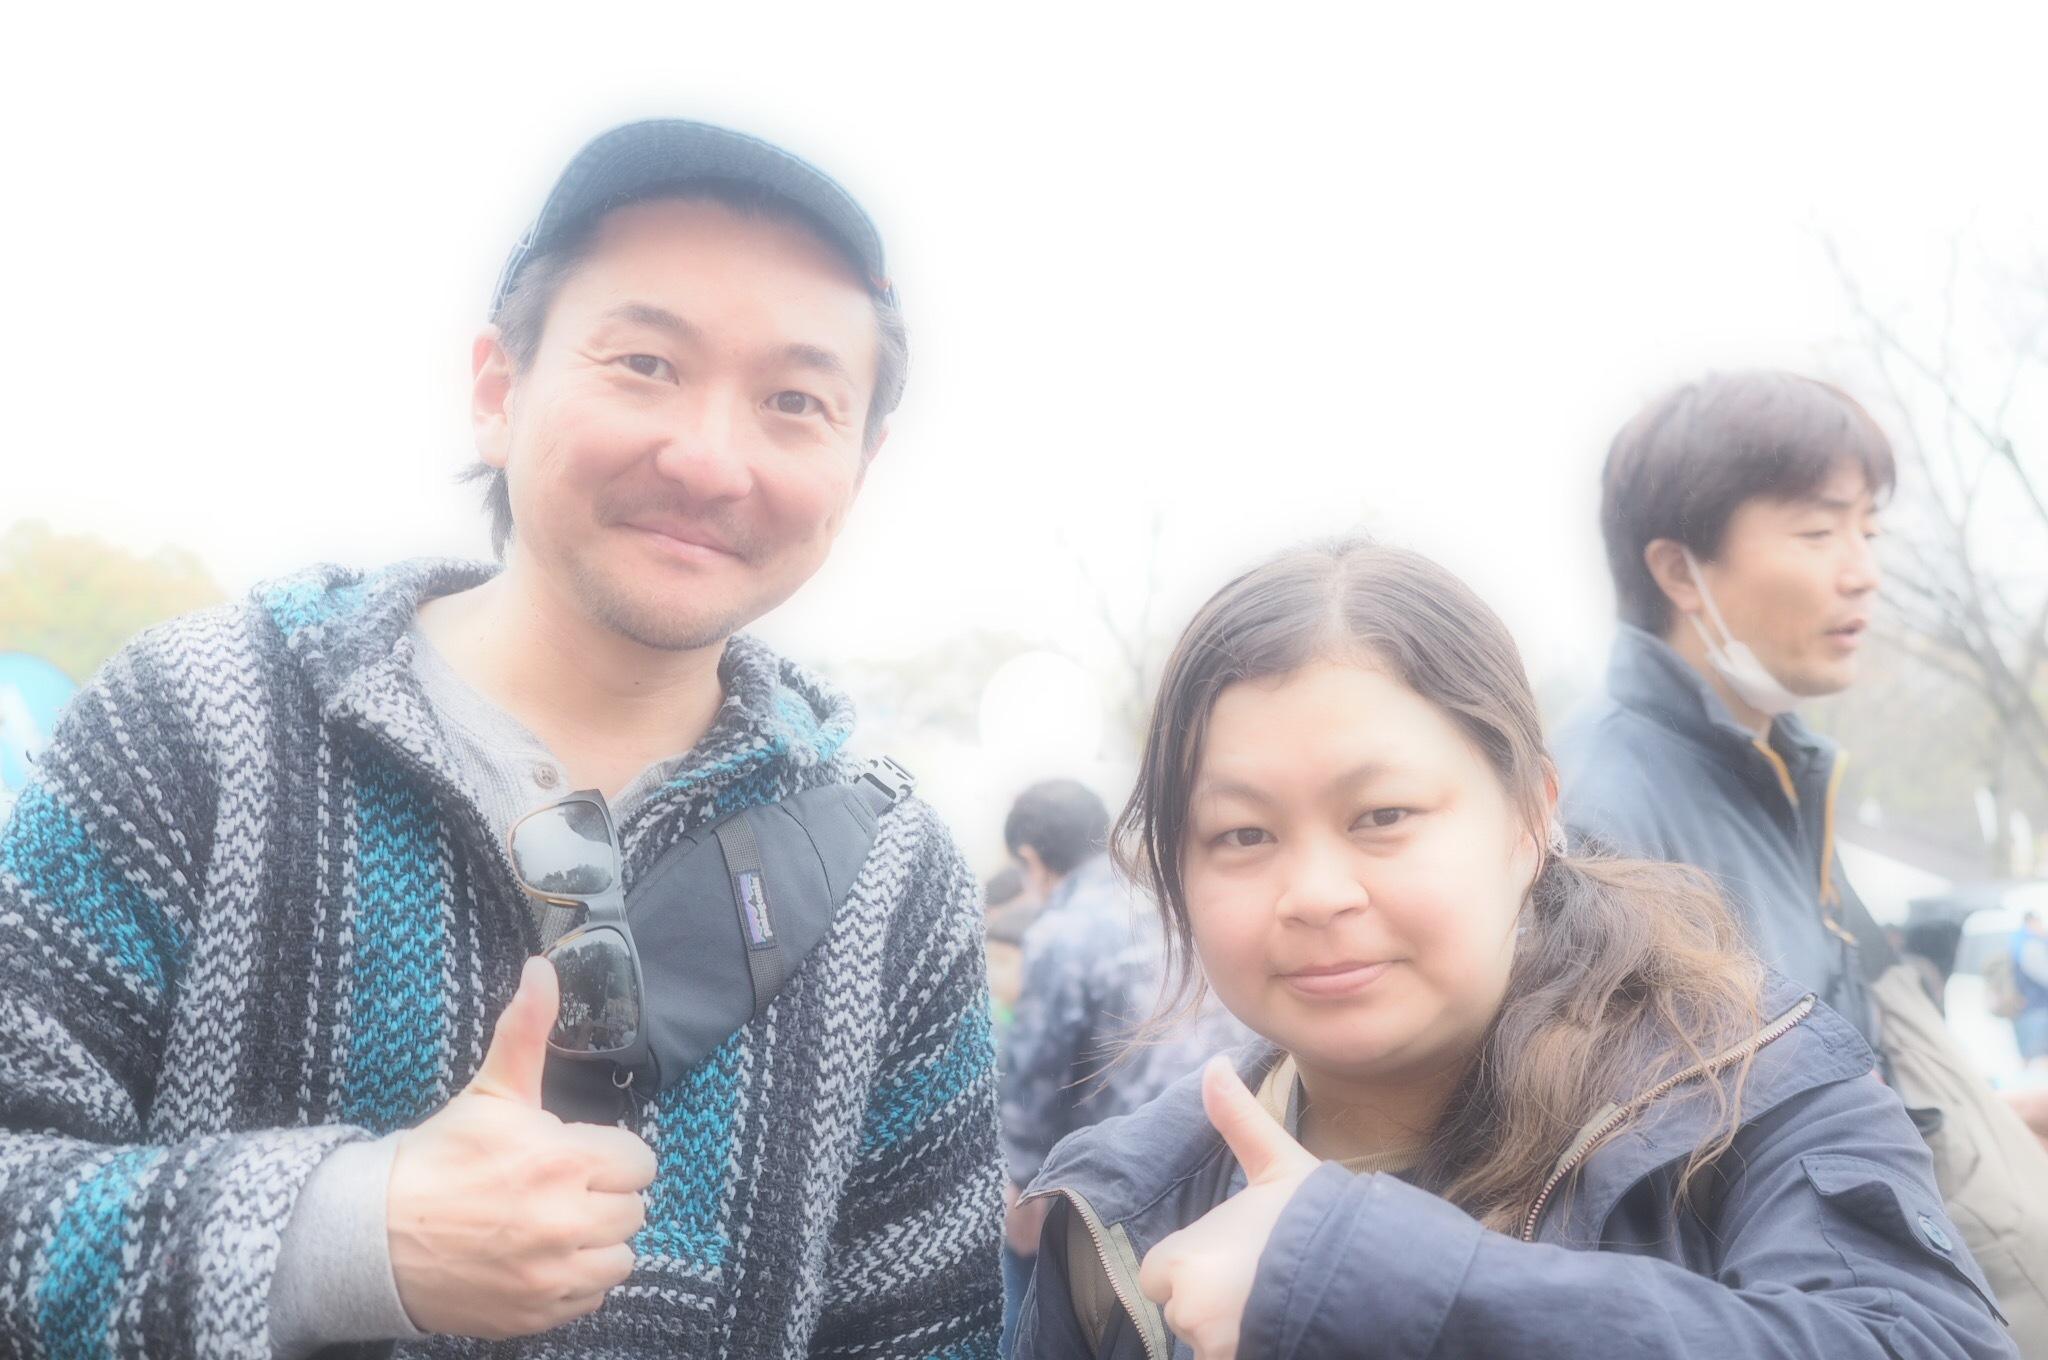 【Photo】アウトドアデイジャパン「笑顔」コレクション!_b0008655_21511982.jpg